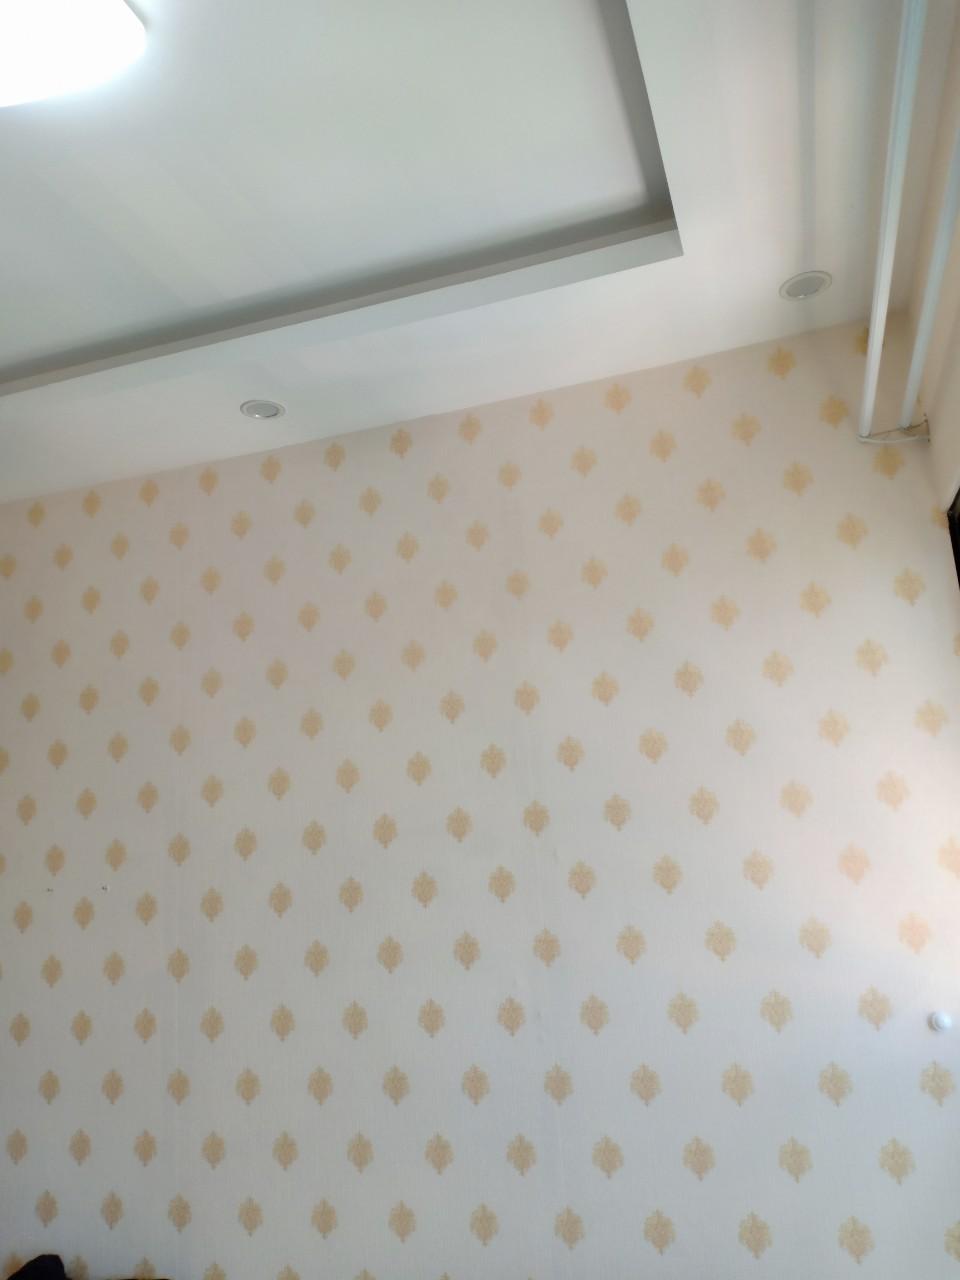 NEPTUNE52023 2 giấy dán tường phòng ngủ neptune 52023 2